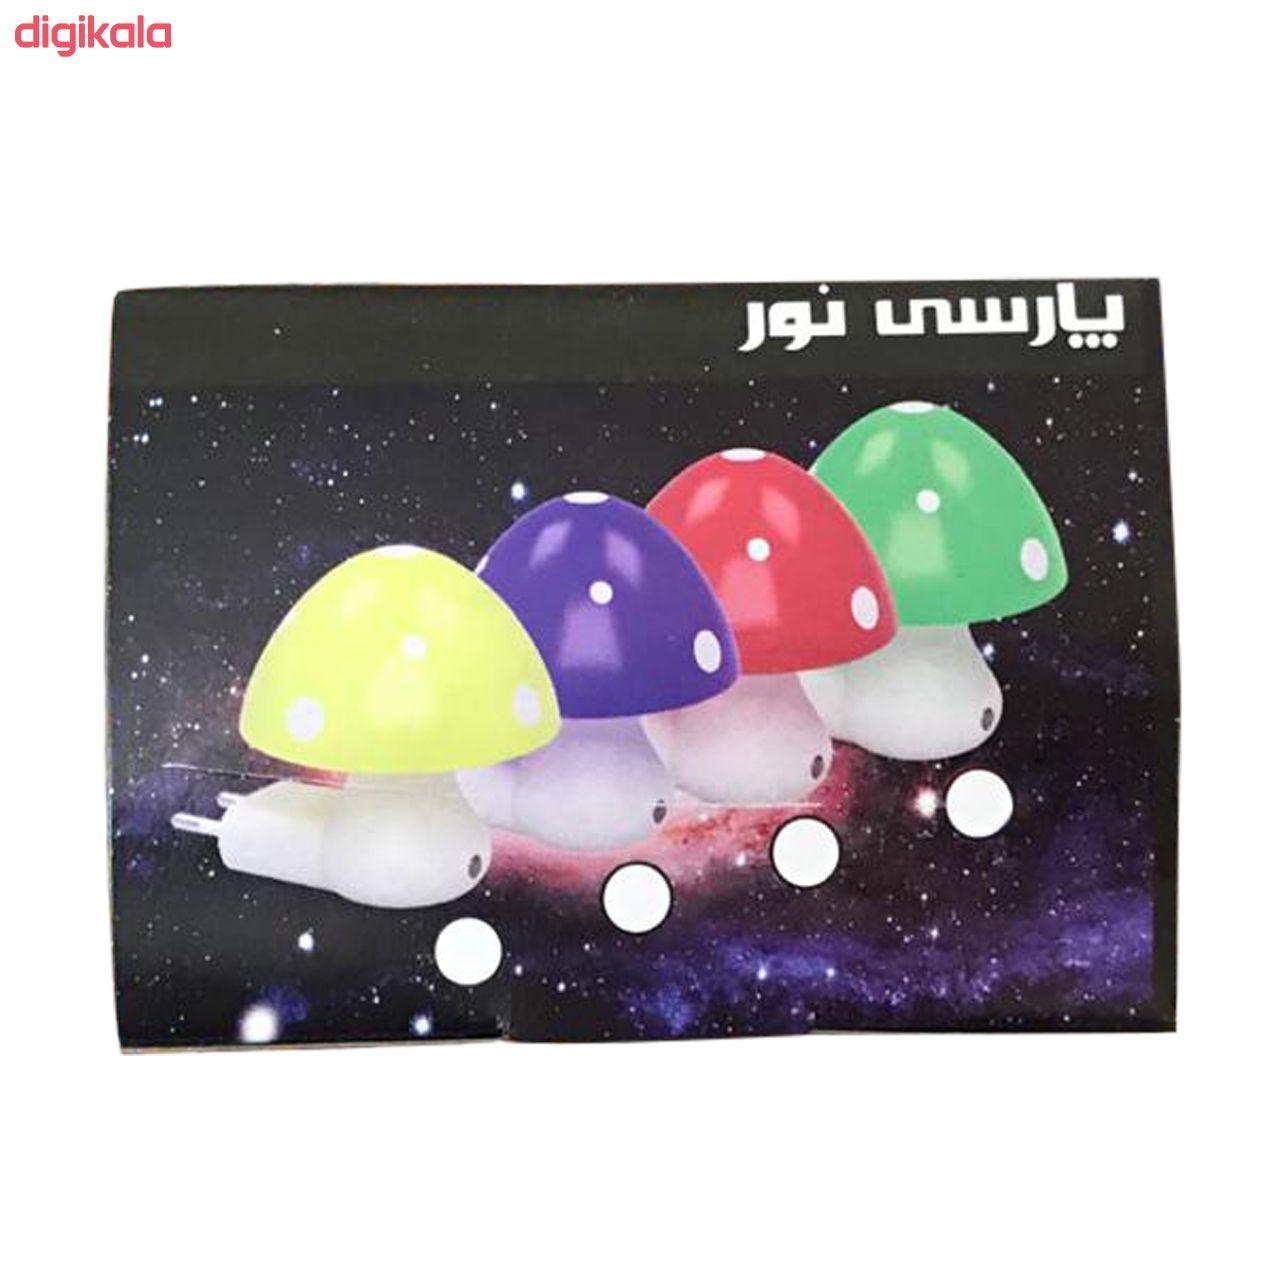 چراغ خواب کودک پارسی نو مدل Mushroom main 1 1